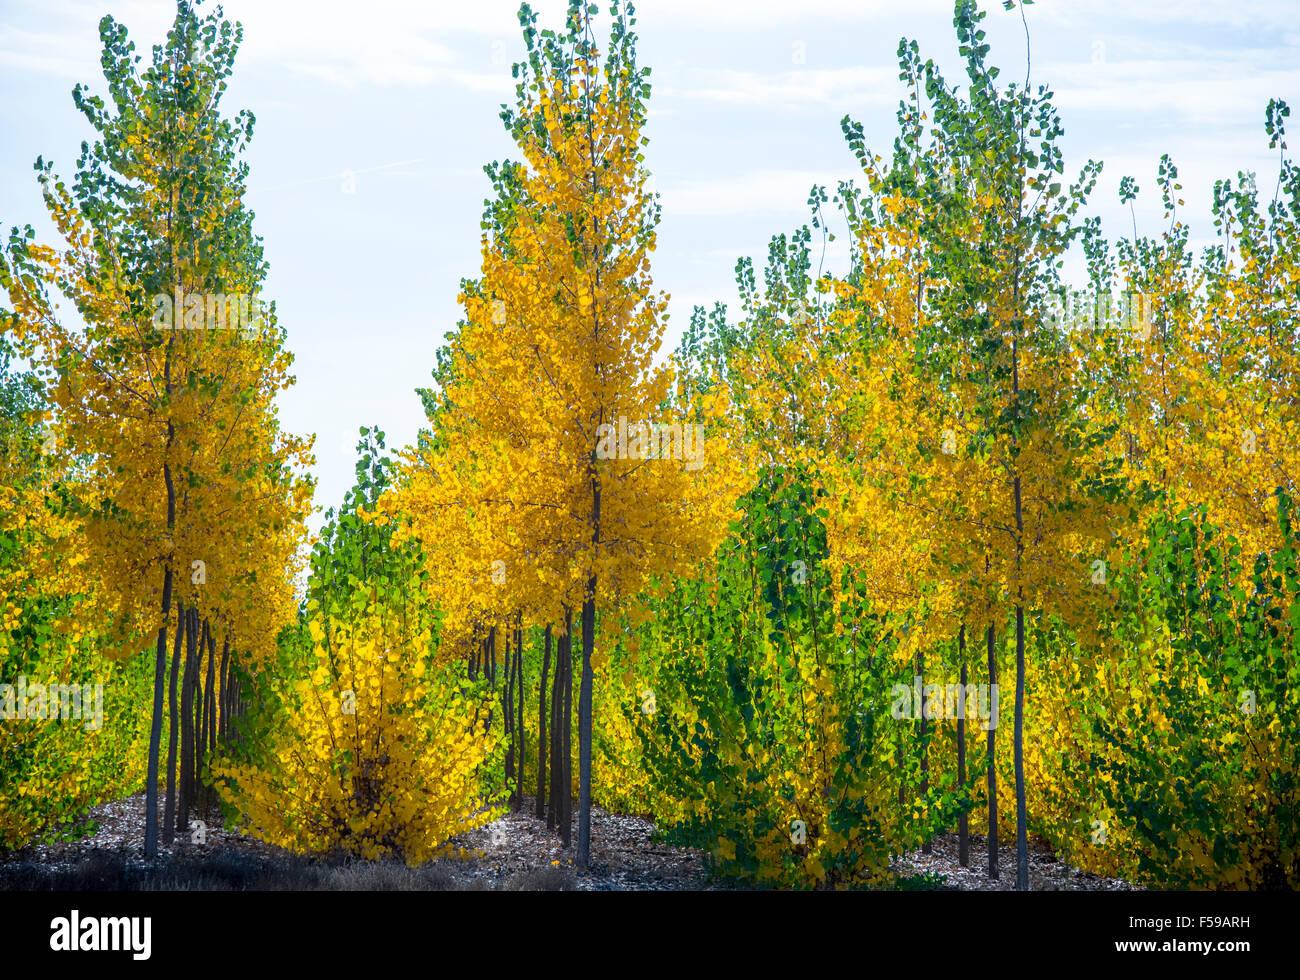 Boardman Tree Farm. Hermosos colores de otoño brillando a través de álamos híbridos en el otoño. Oregon Foto de stock